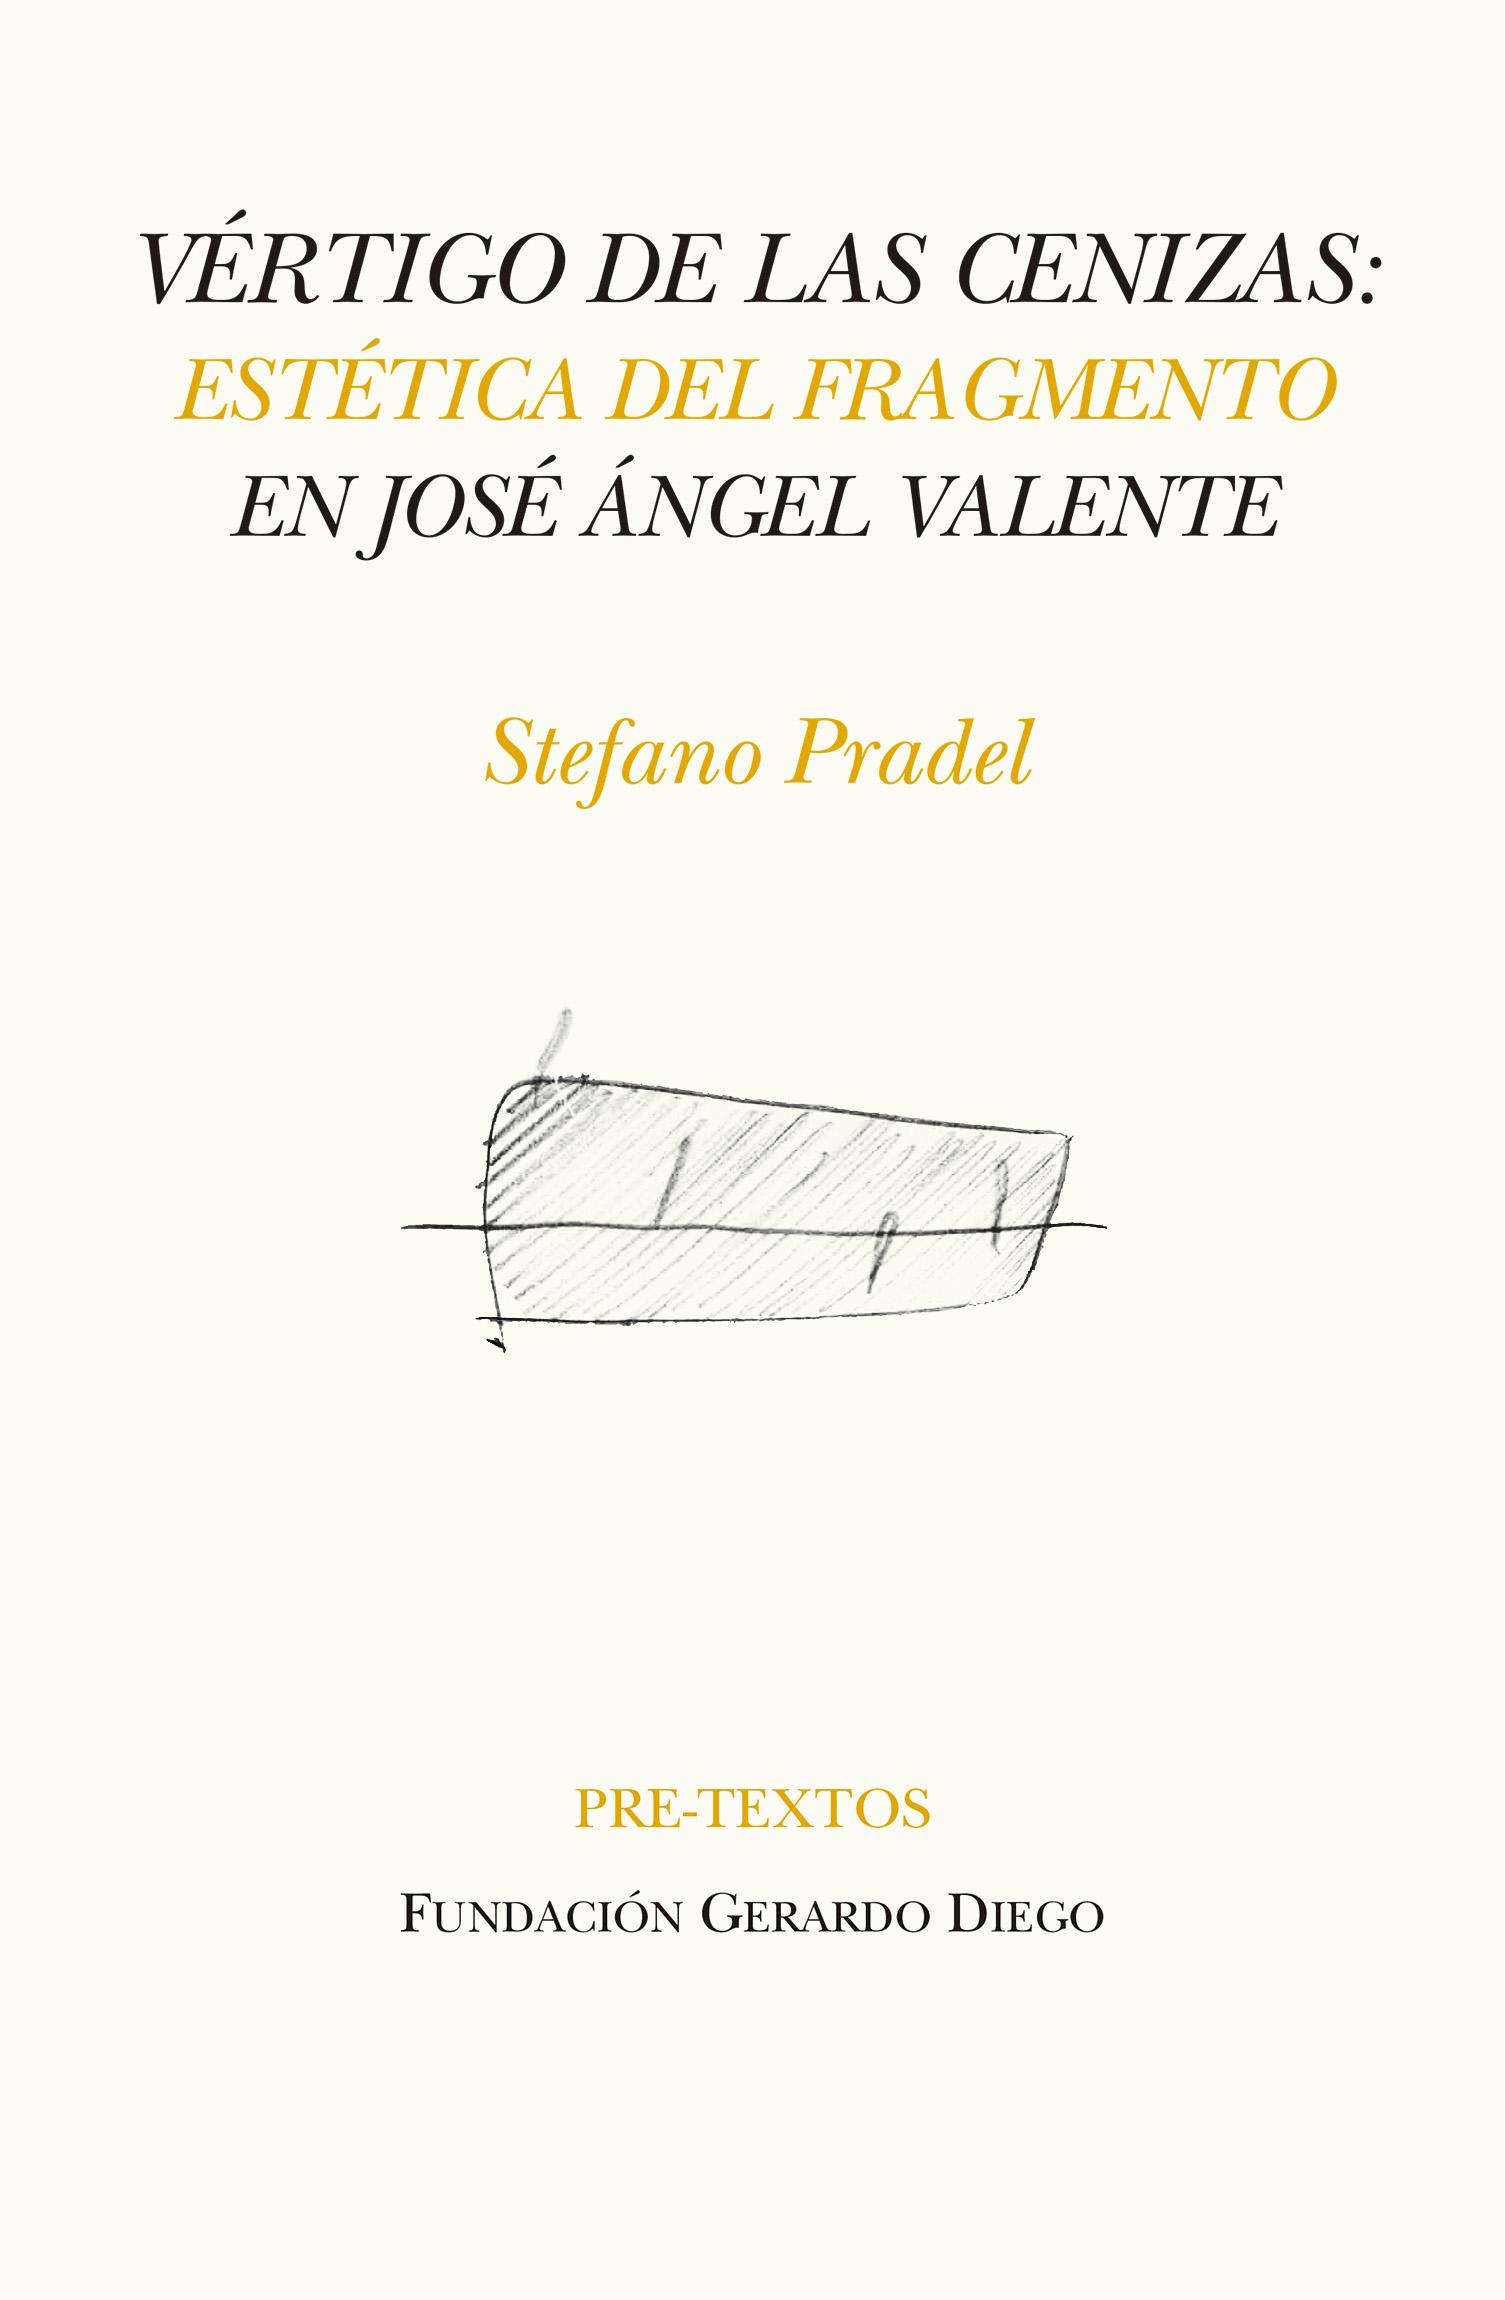 Vértigo de las cenizas   «Estética del fragmento en José Ángel Valente»